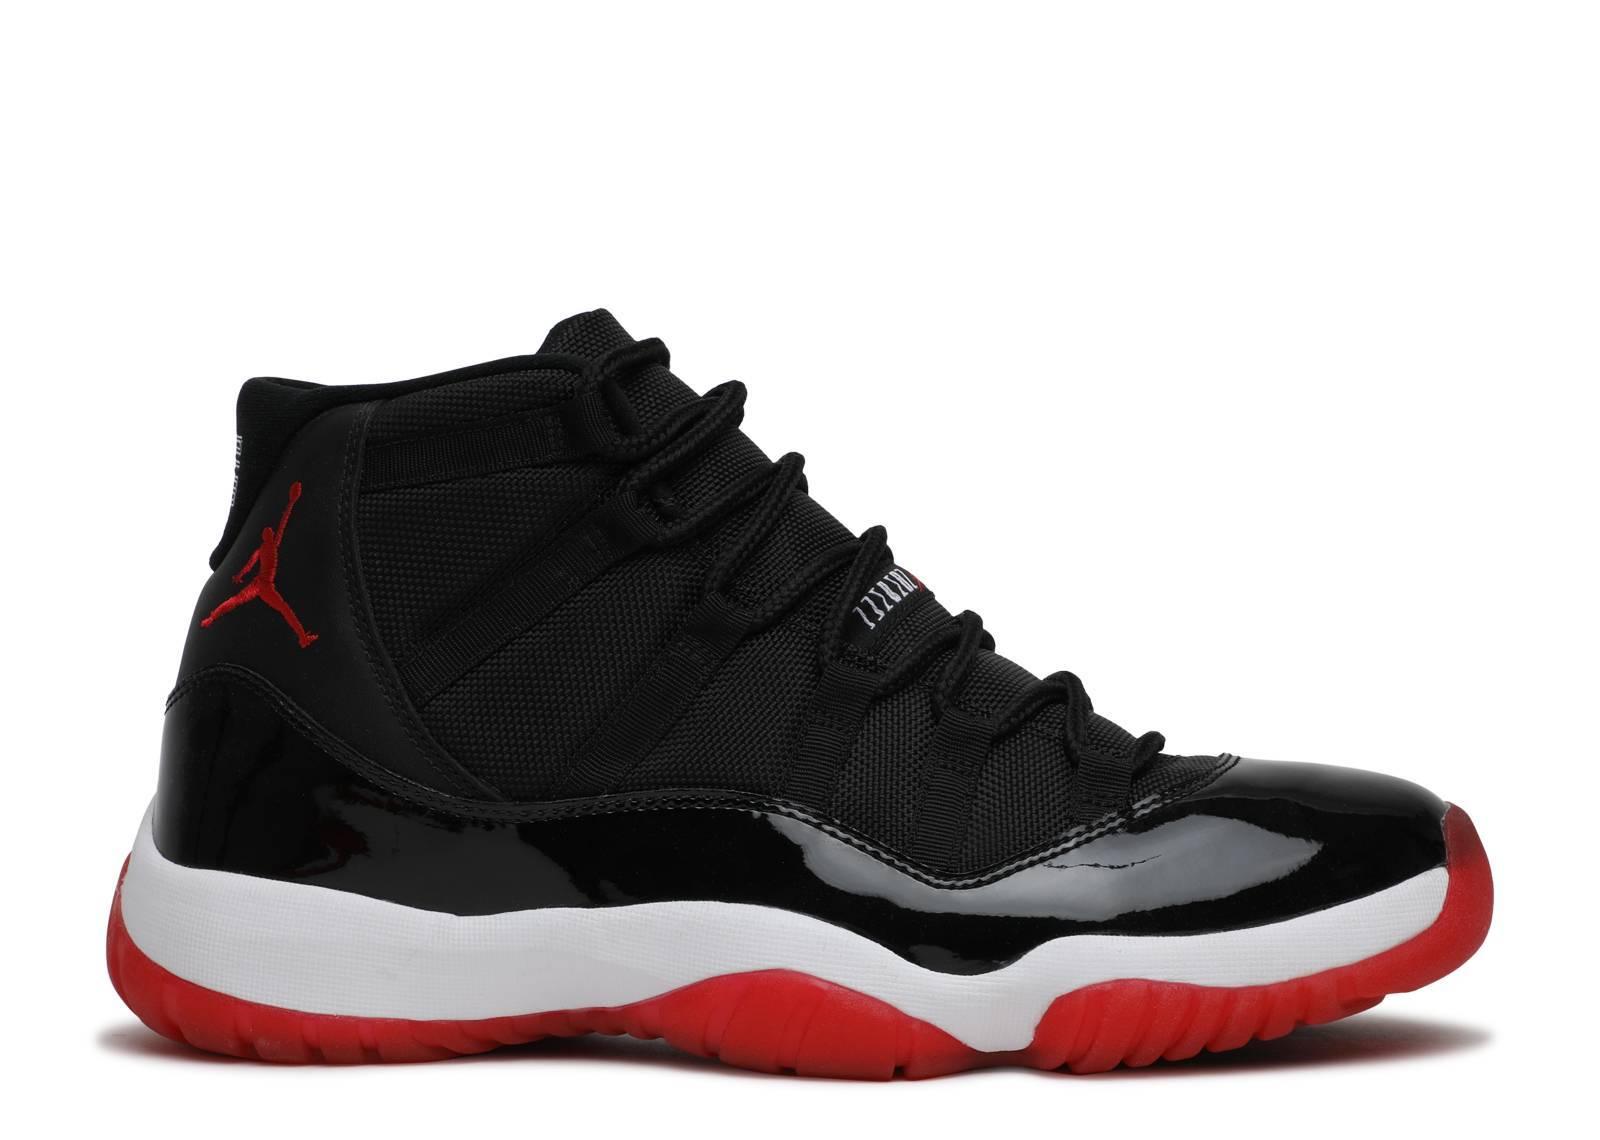 jordan collezione 11/12 \u0026quot;countdown pack\u0026quot;